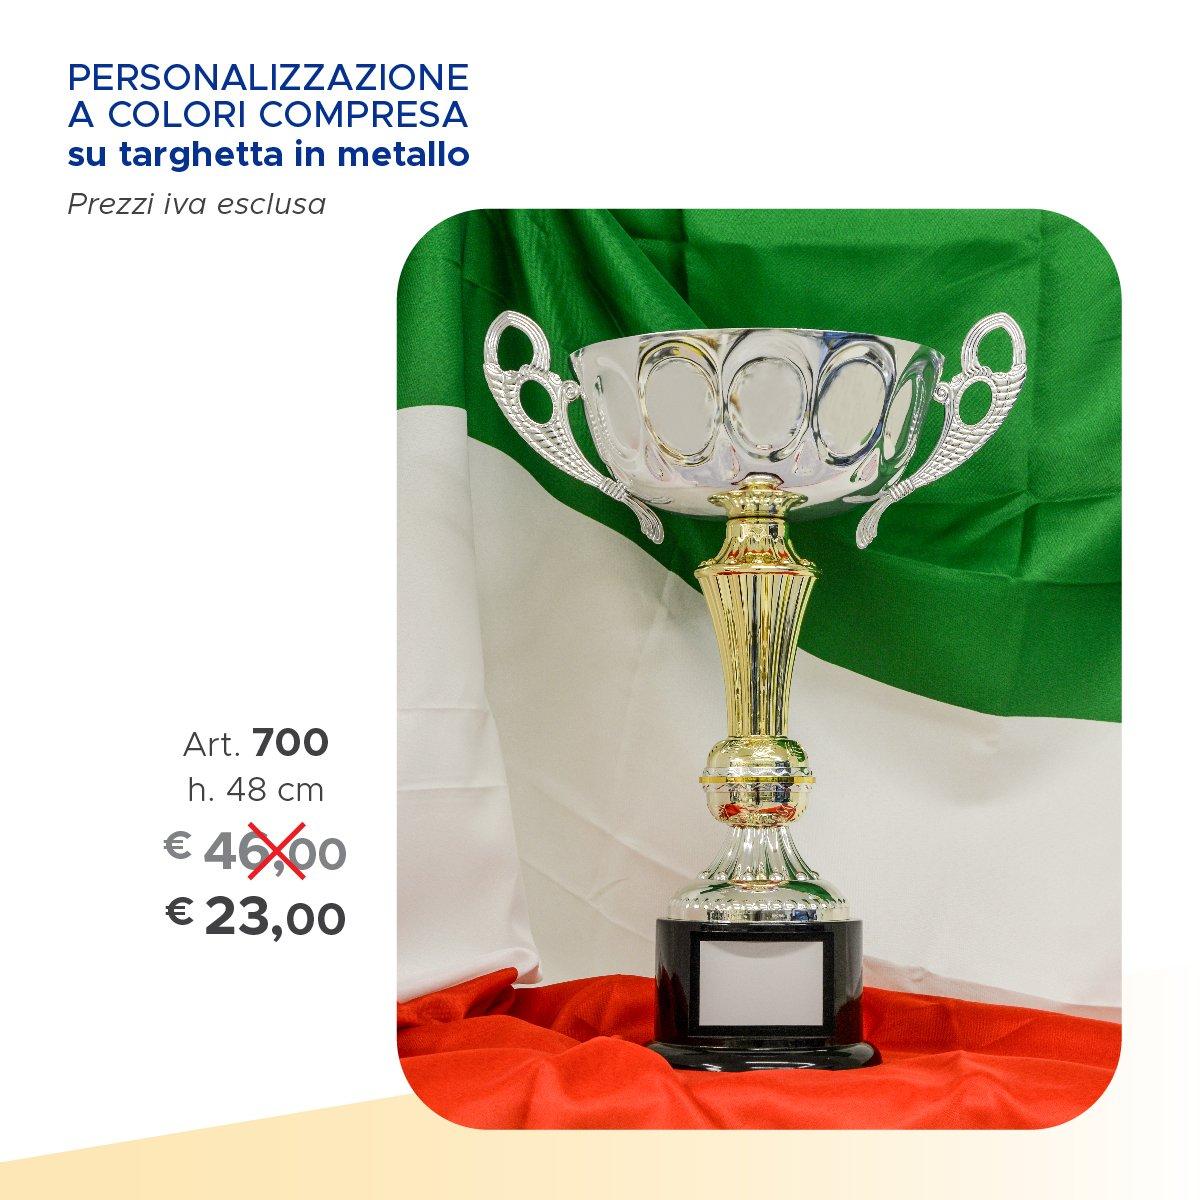 una coppa con due manici, dietro la bandiera dell'italia e sulla sinistra il prezzo scritto